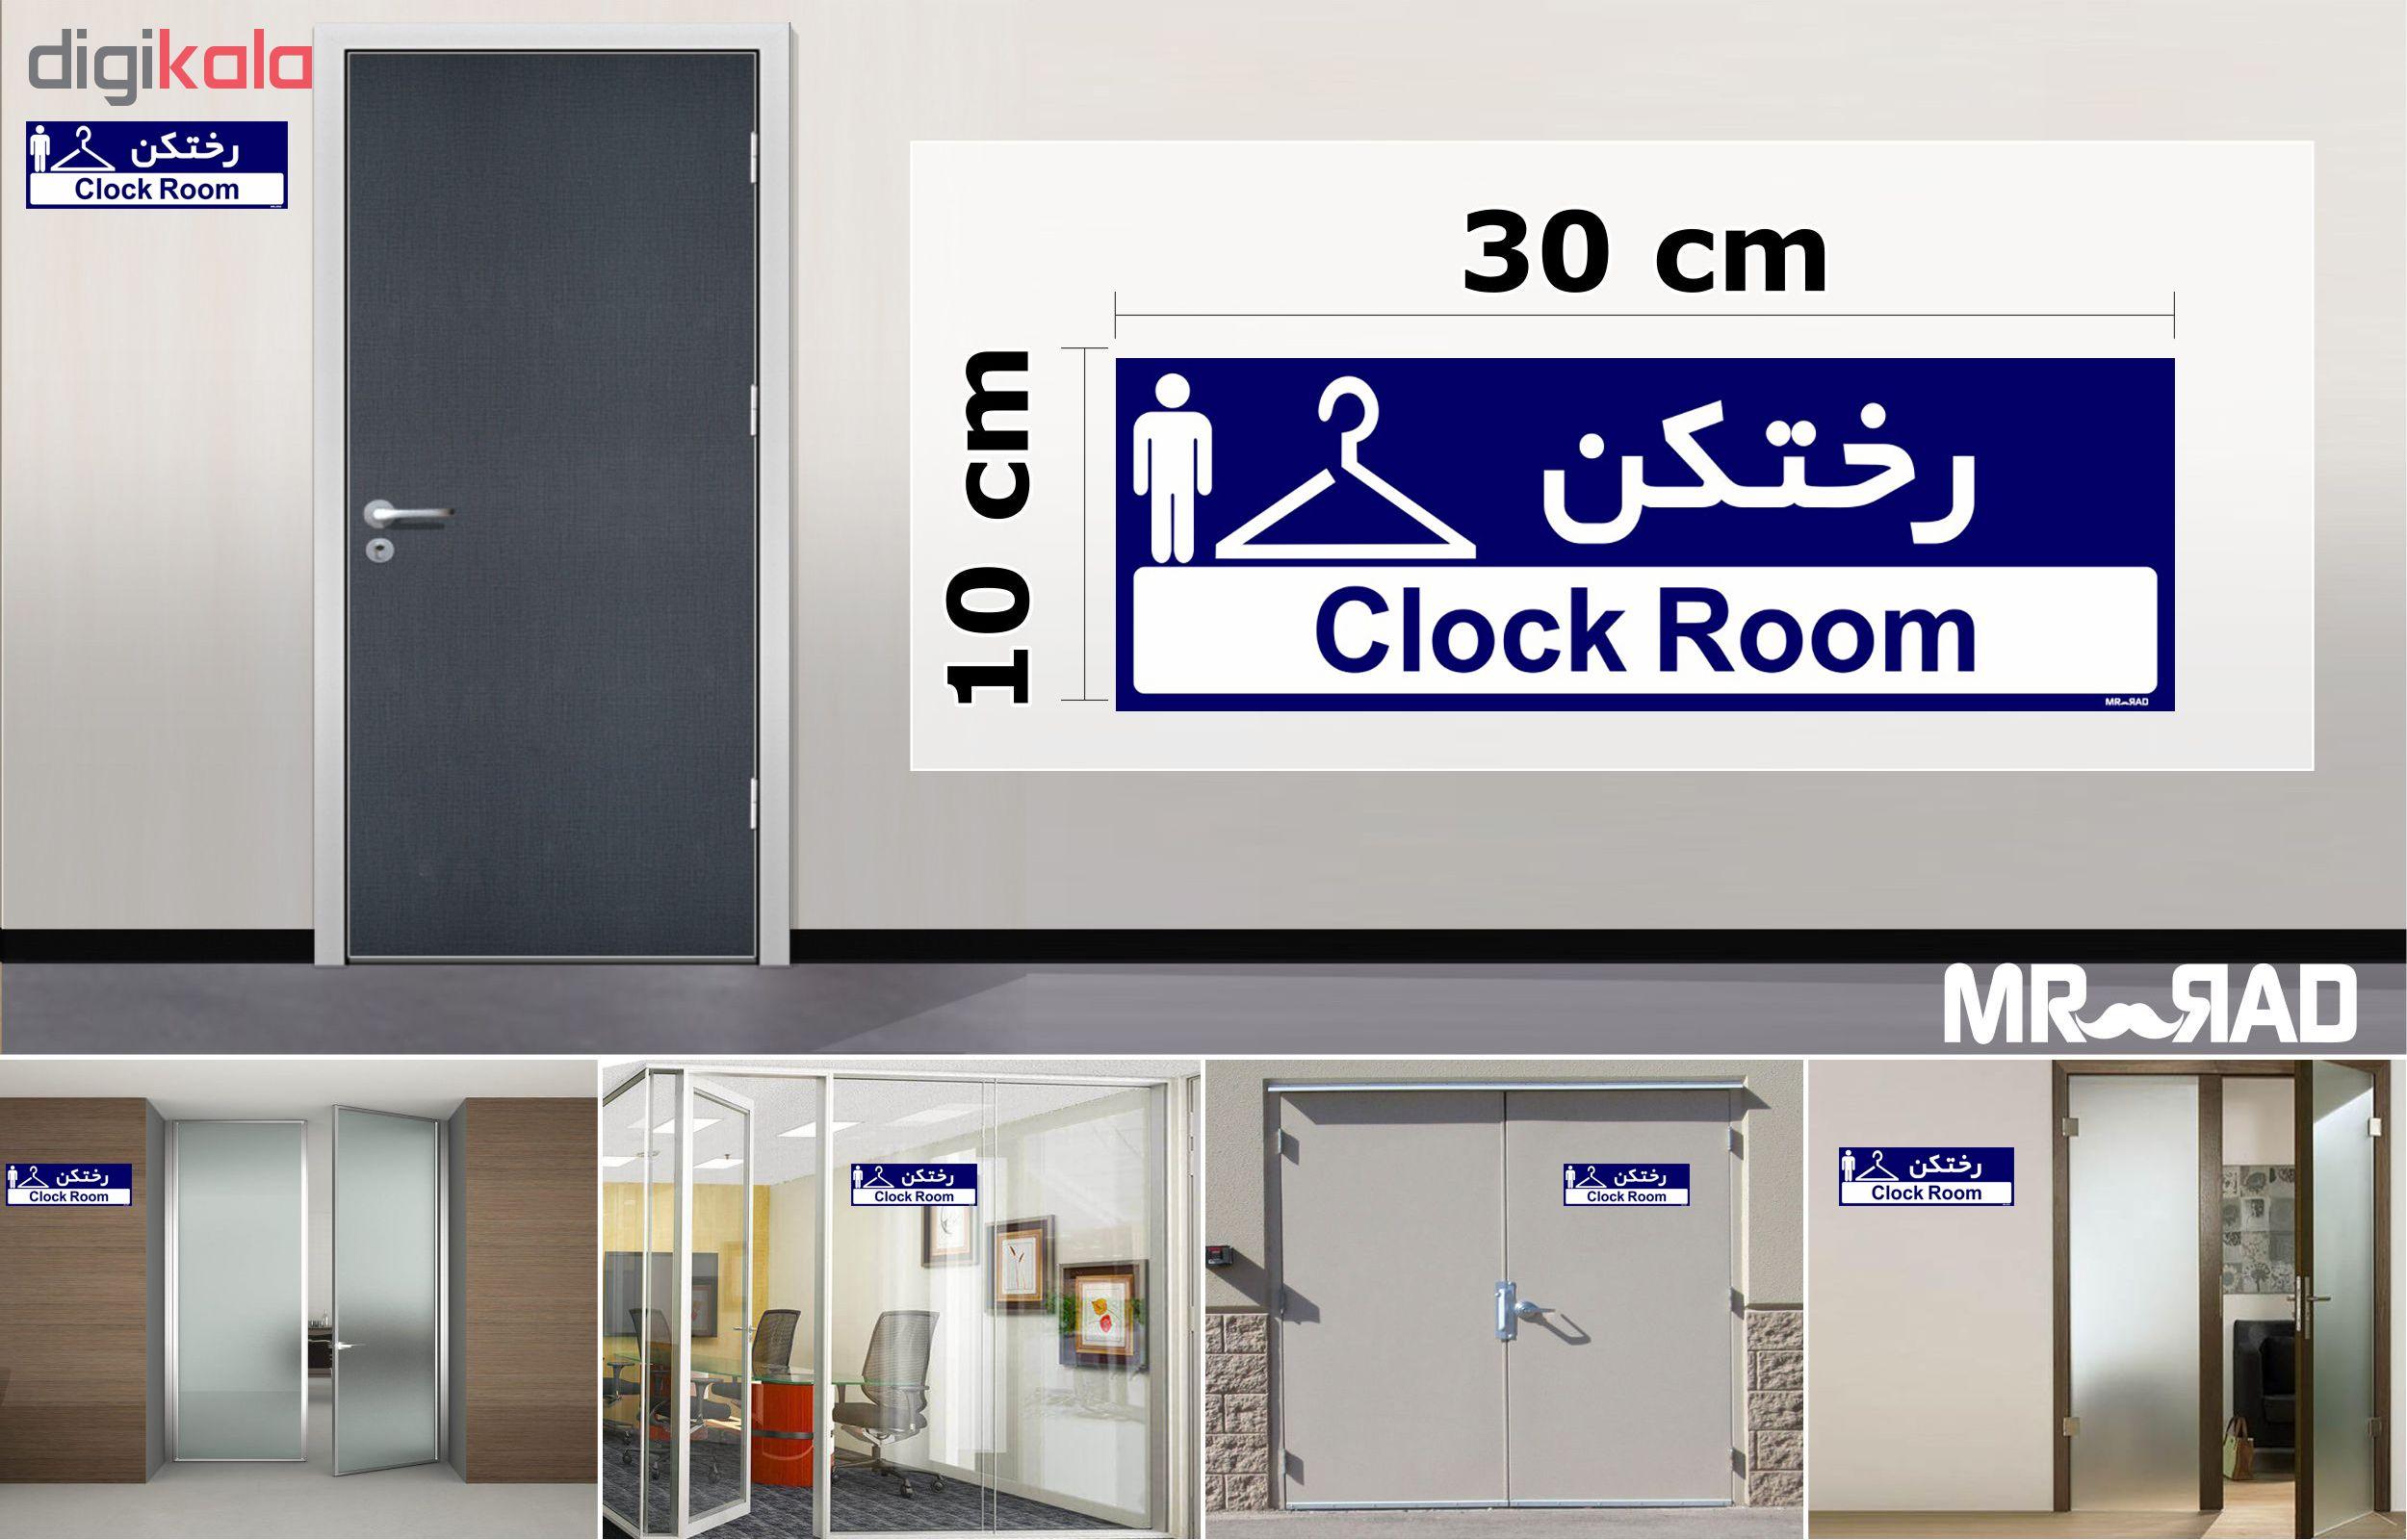 تابلو راهنمای اتاق  FG طرح رختکن کدTHO0273